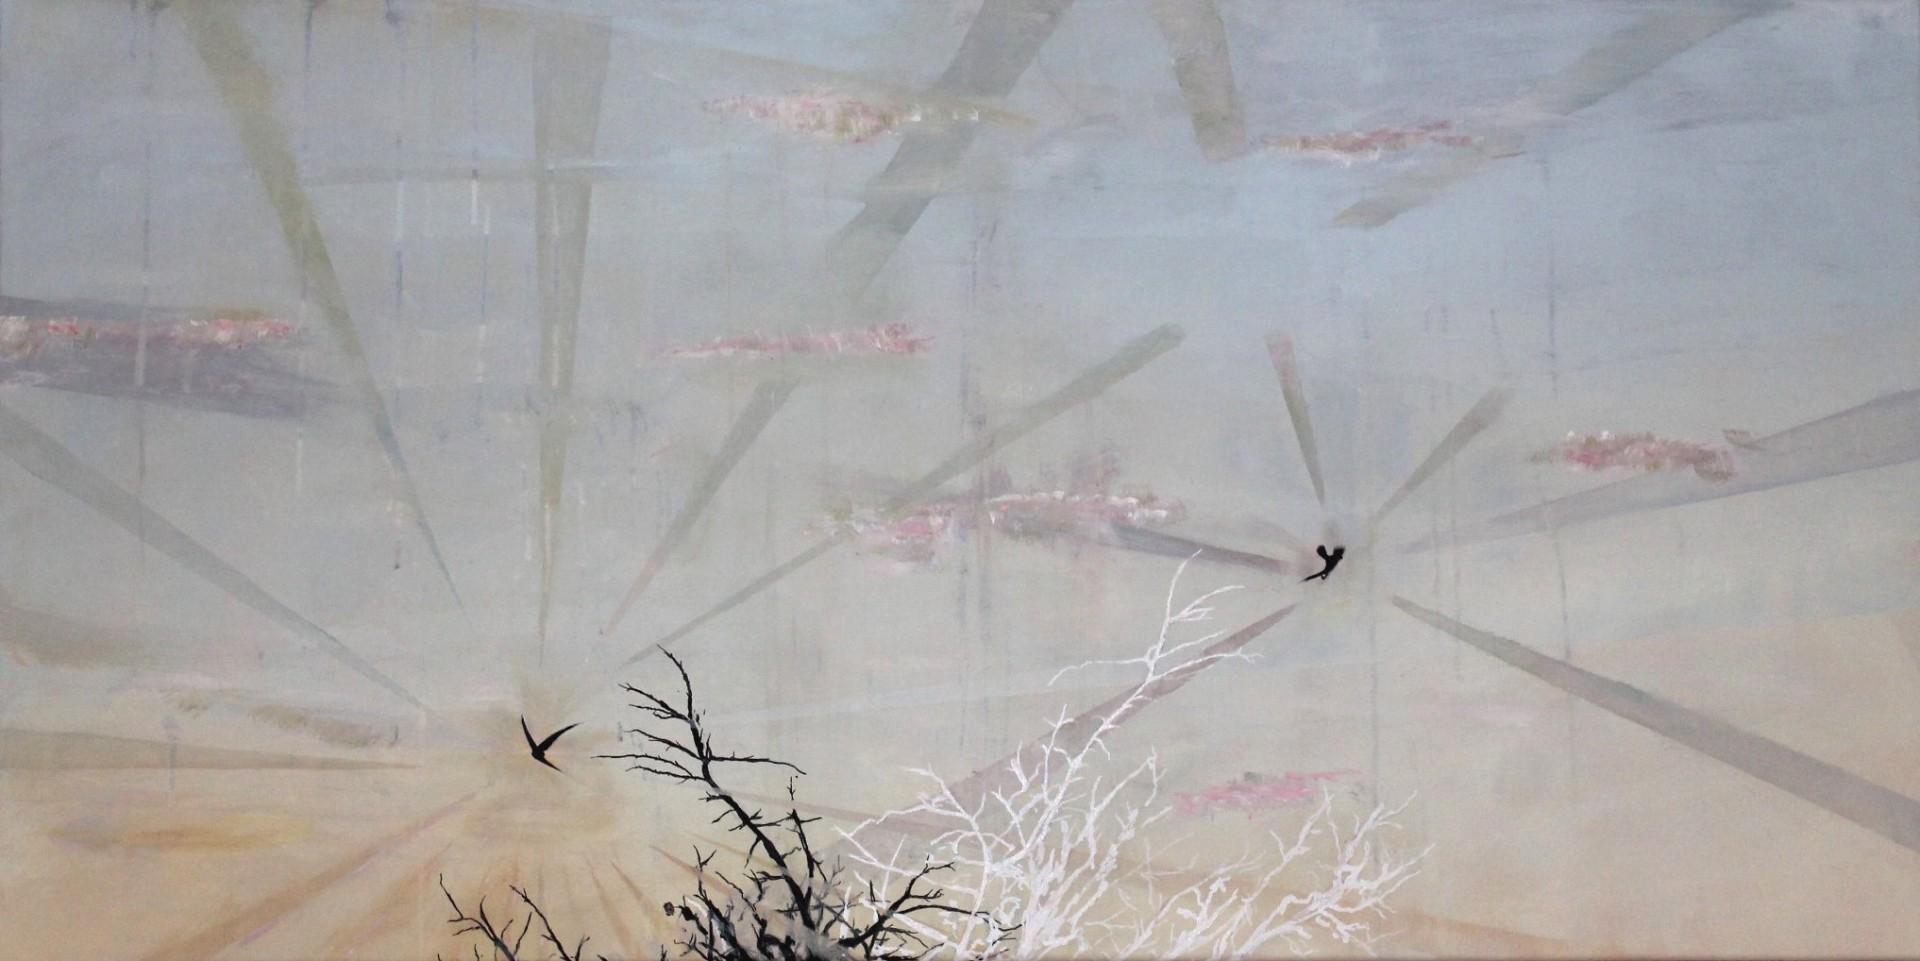 Two birds Africa, 2015, Mischtechnik auf Leinwand, 60 x 140 cm